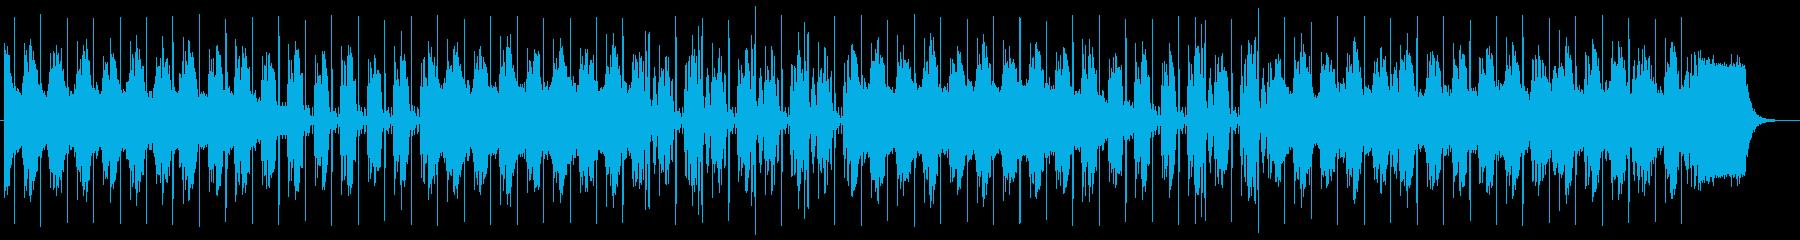 緊張感のあるテクノポップスの再生済みの波形